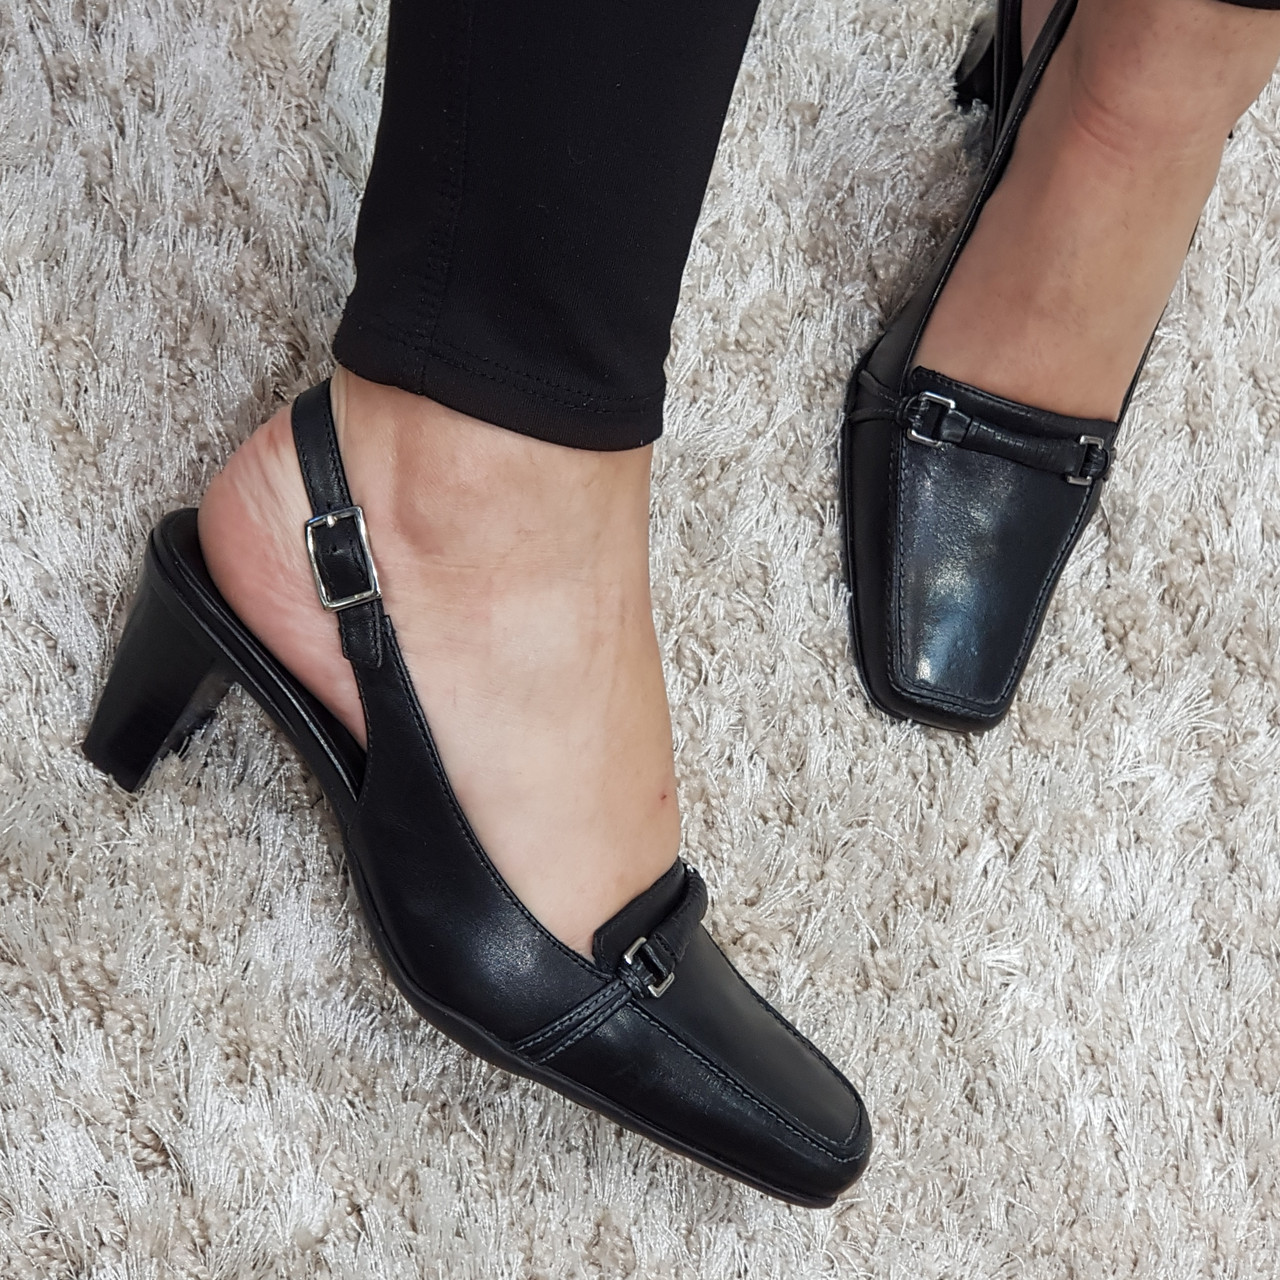 Босоножки женские с закрытым носком из натуральной кожи на среднем конусовидном каблуке черные